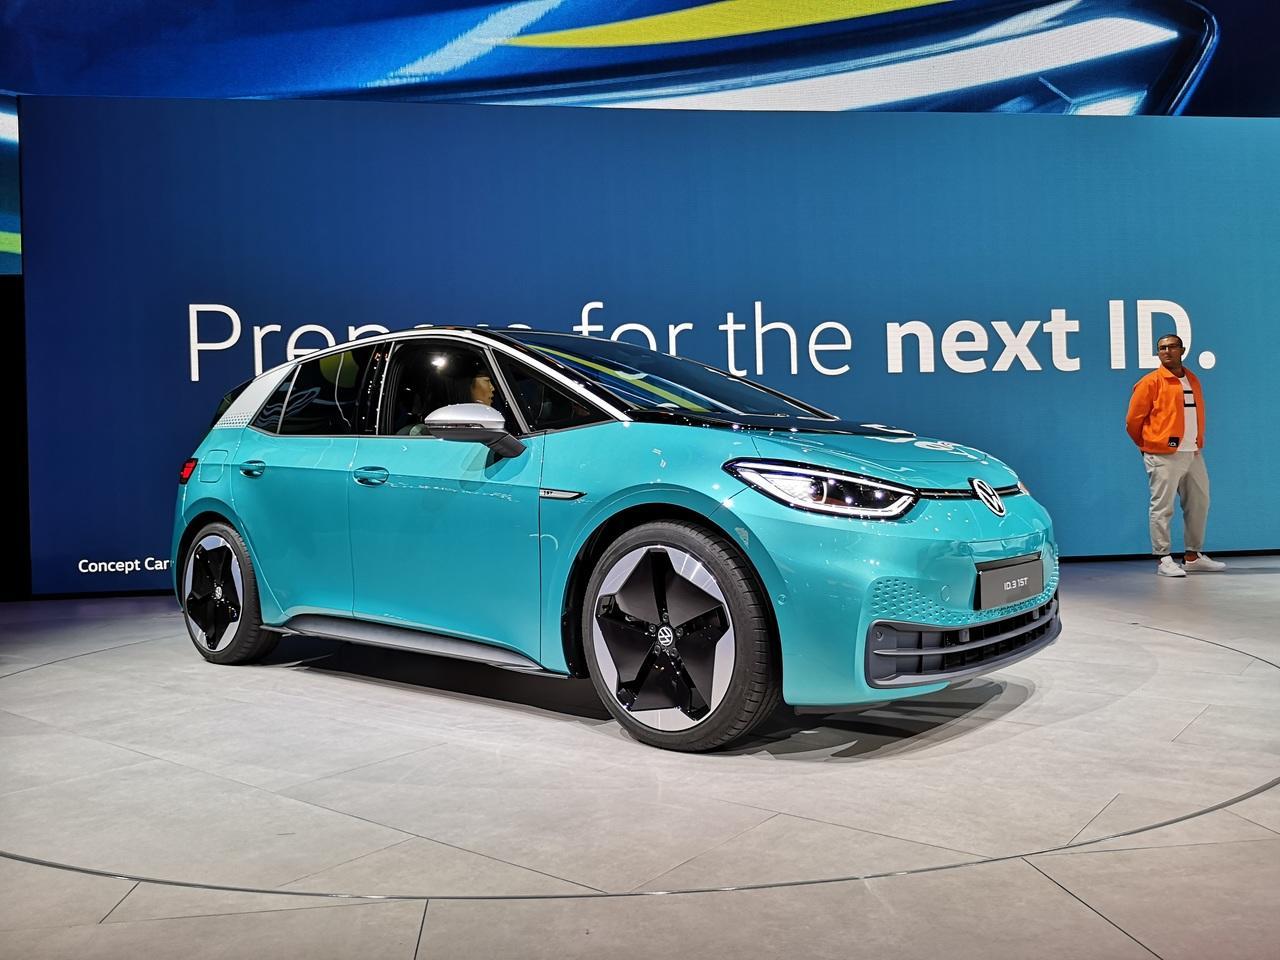 Автосалон во франкфурте-2019: лента премьер